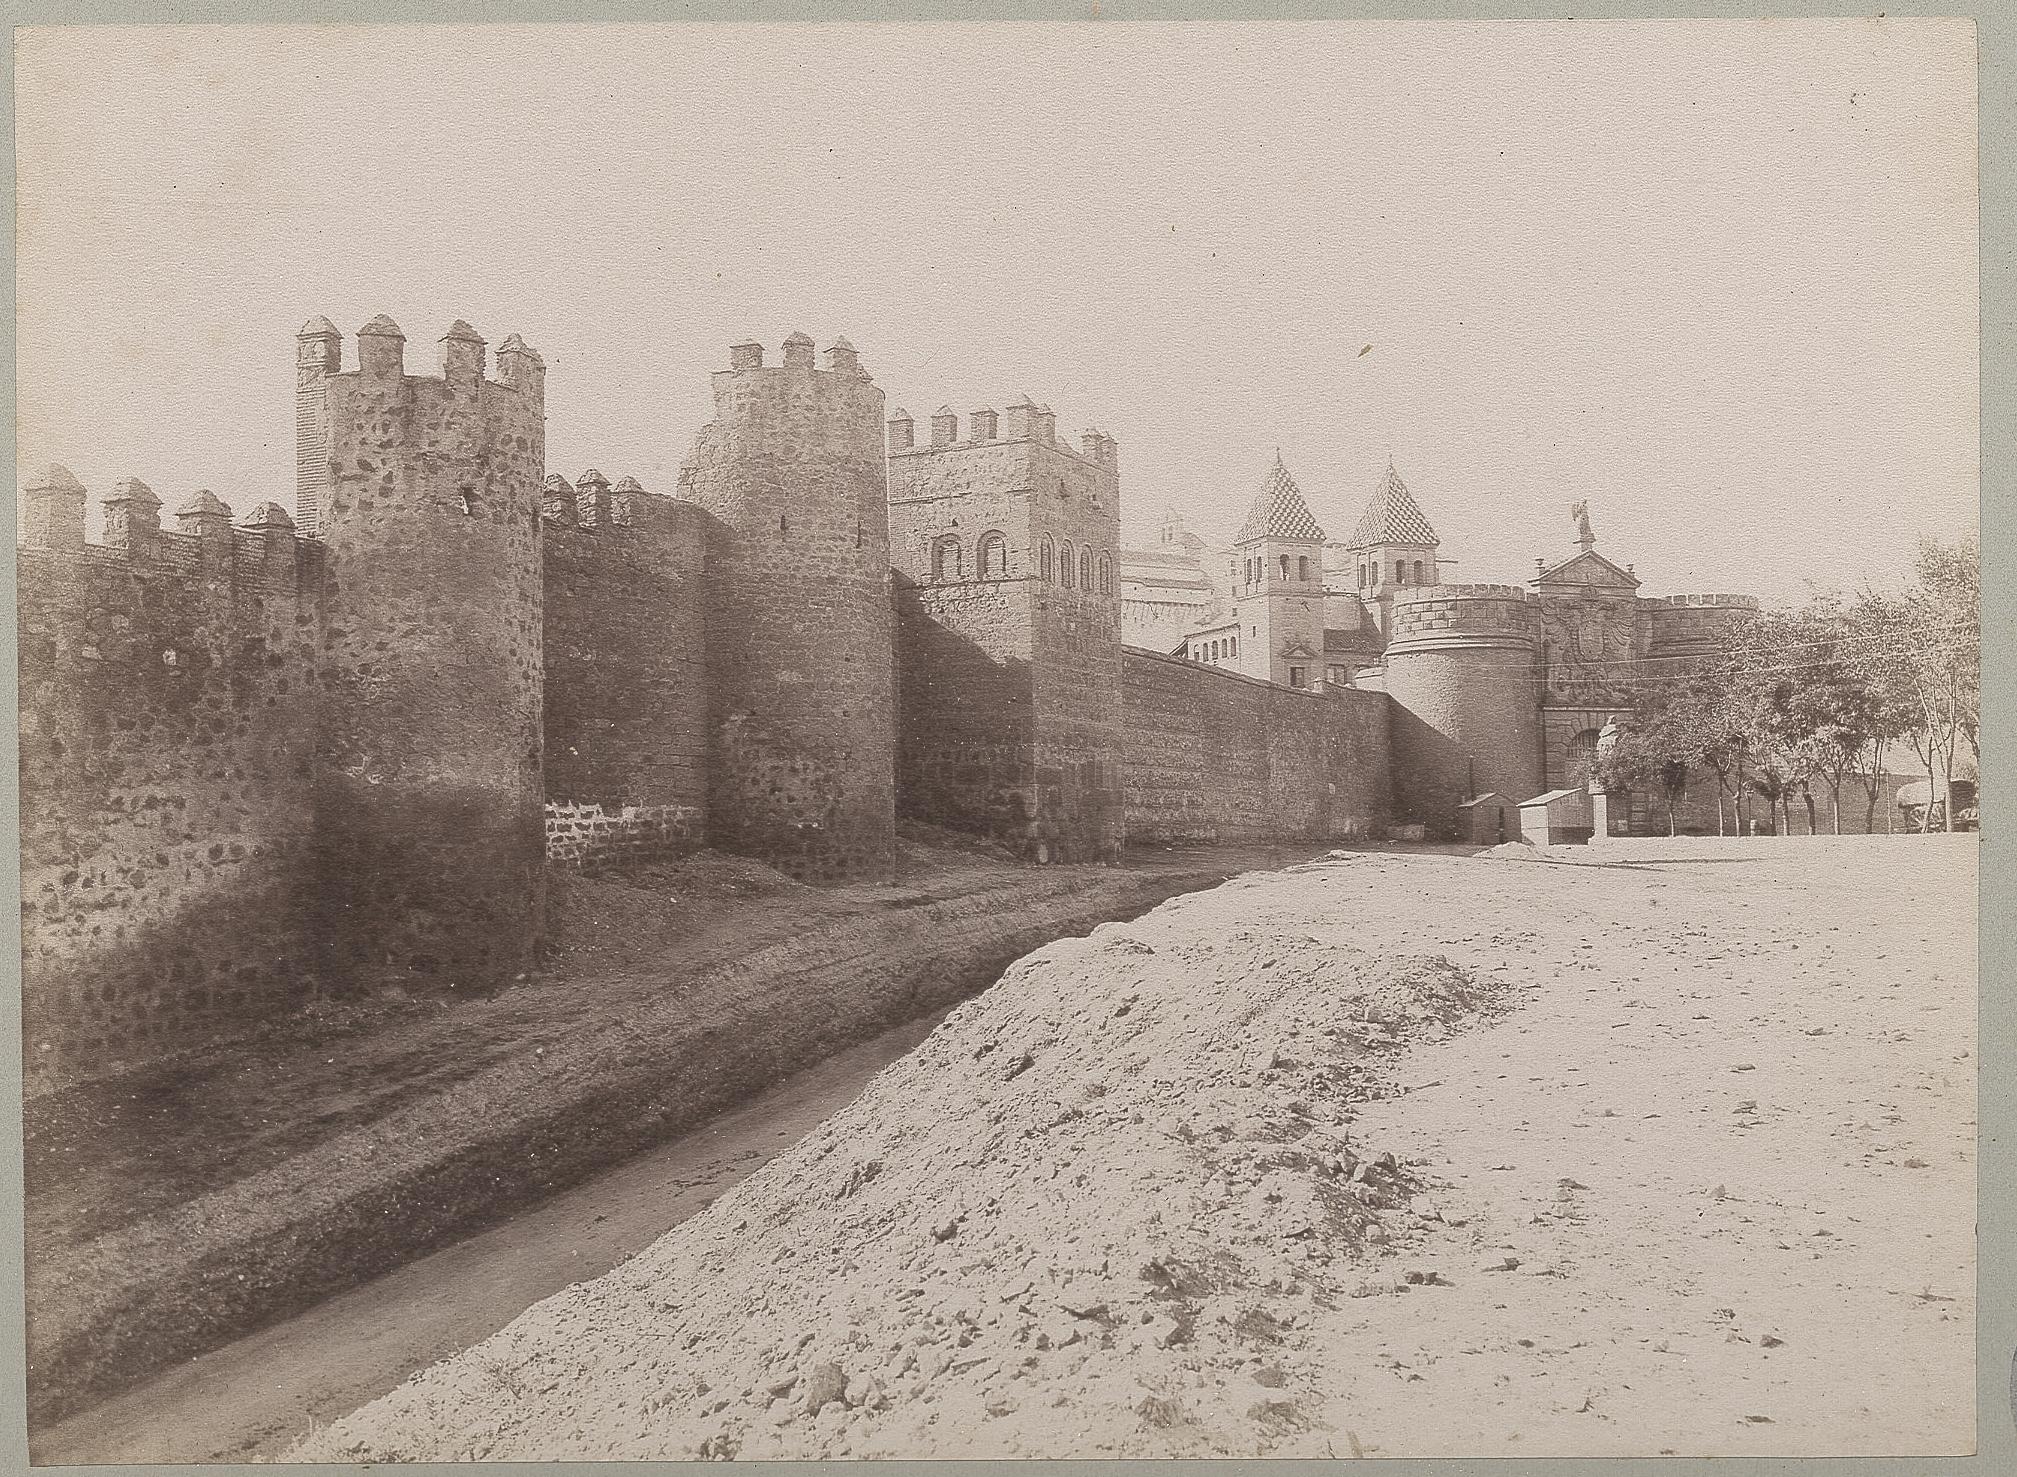 Torres de la Reina en 1886 © Archives départementales de l'Aude